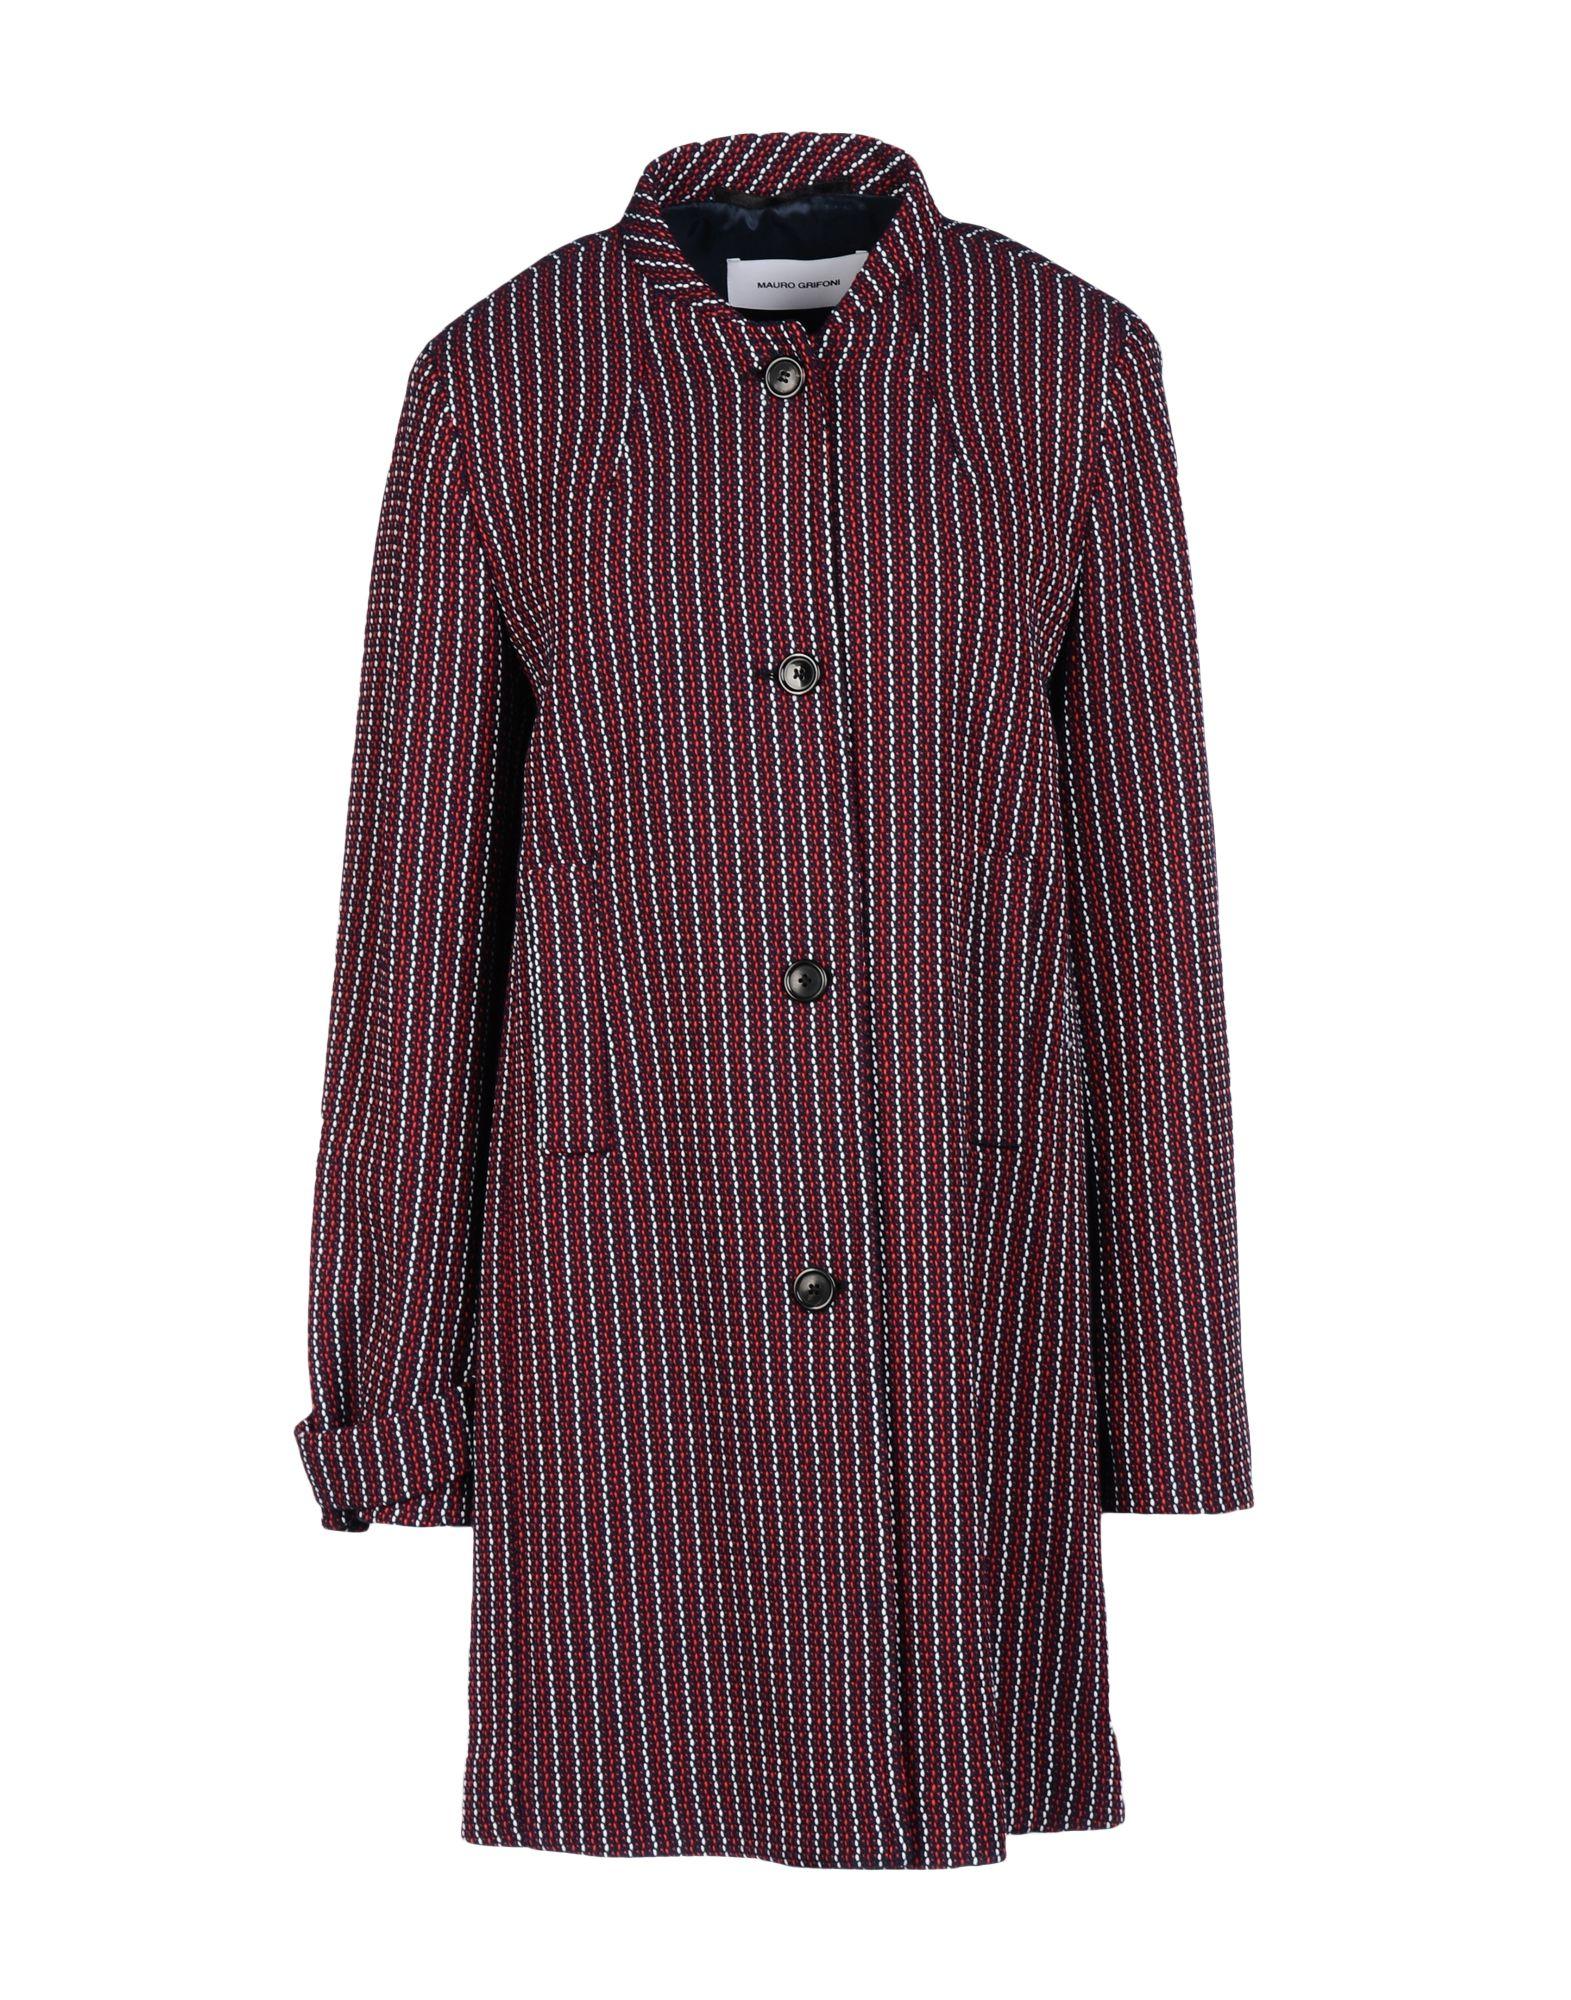 Mauro Grifoni Full-length jacket